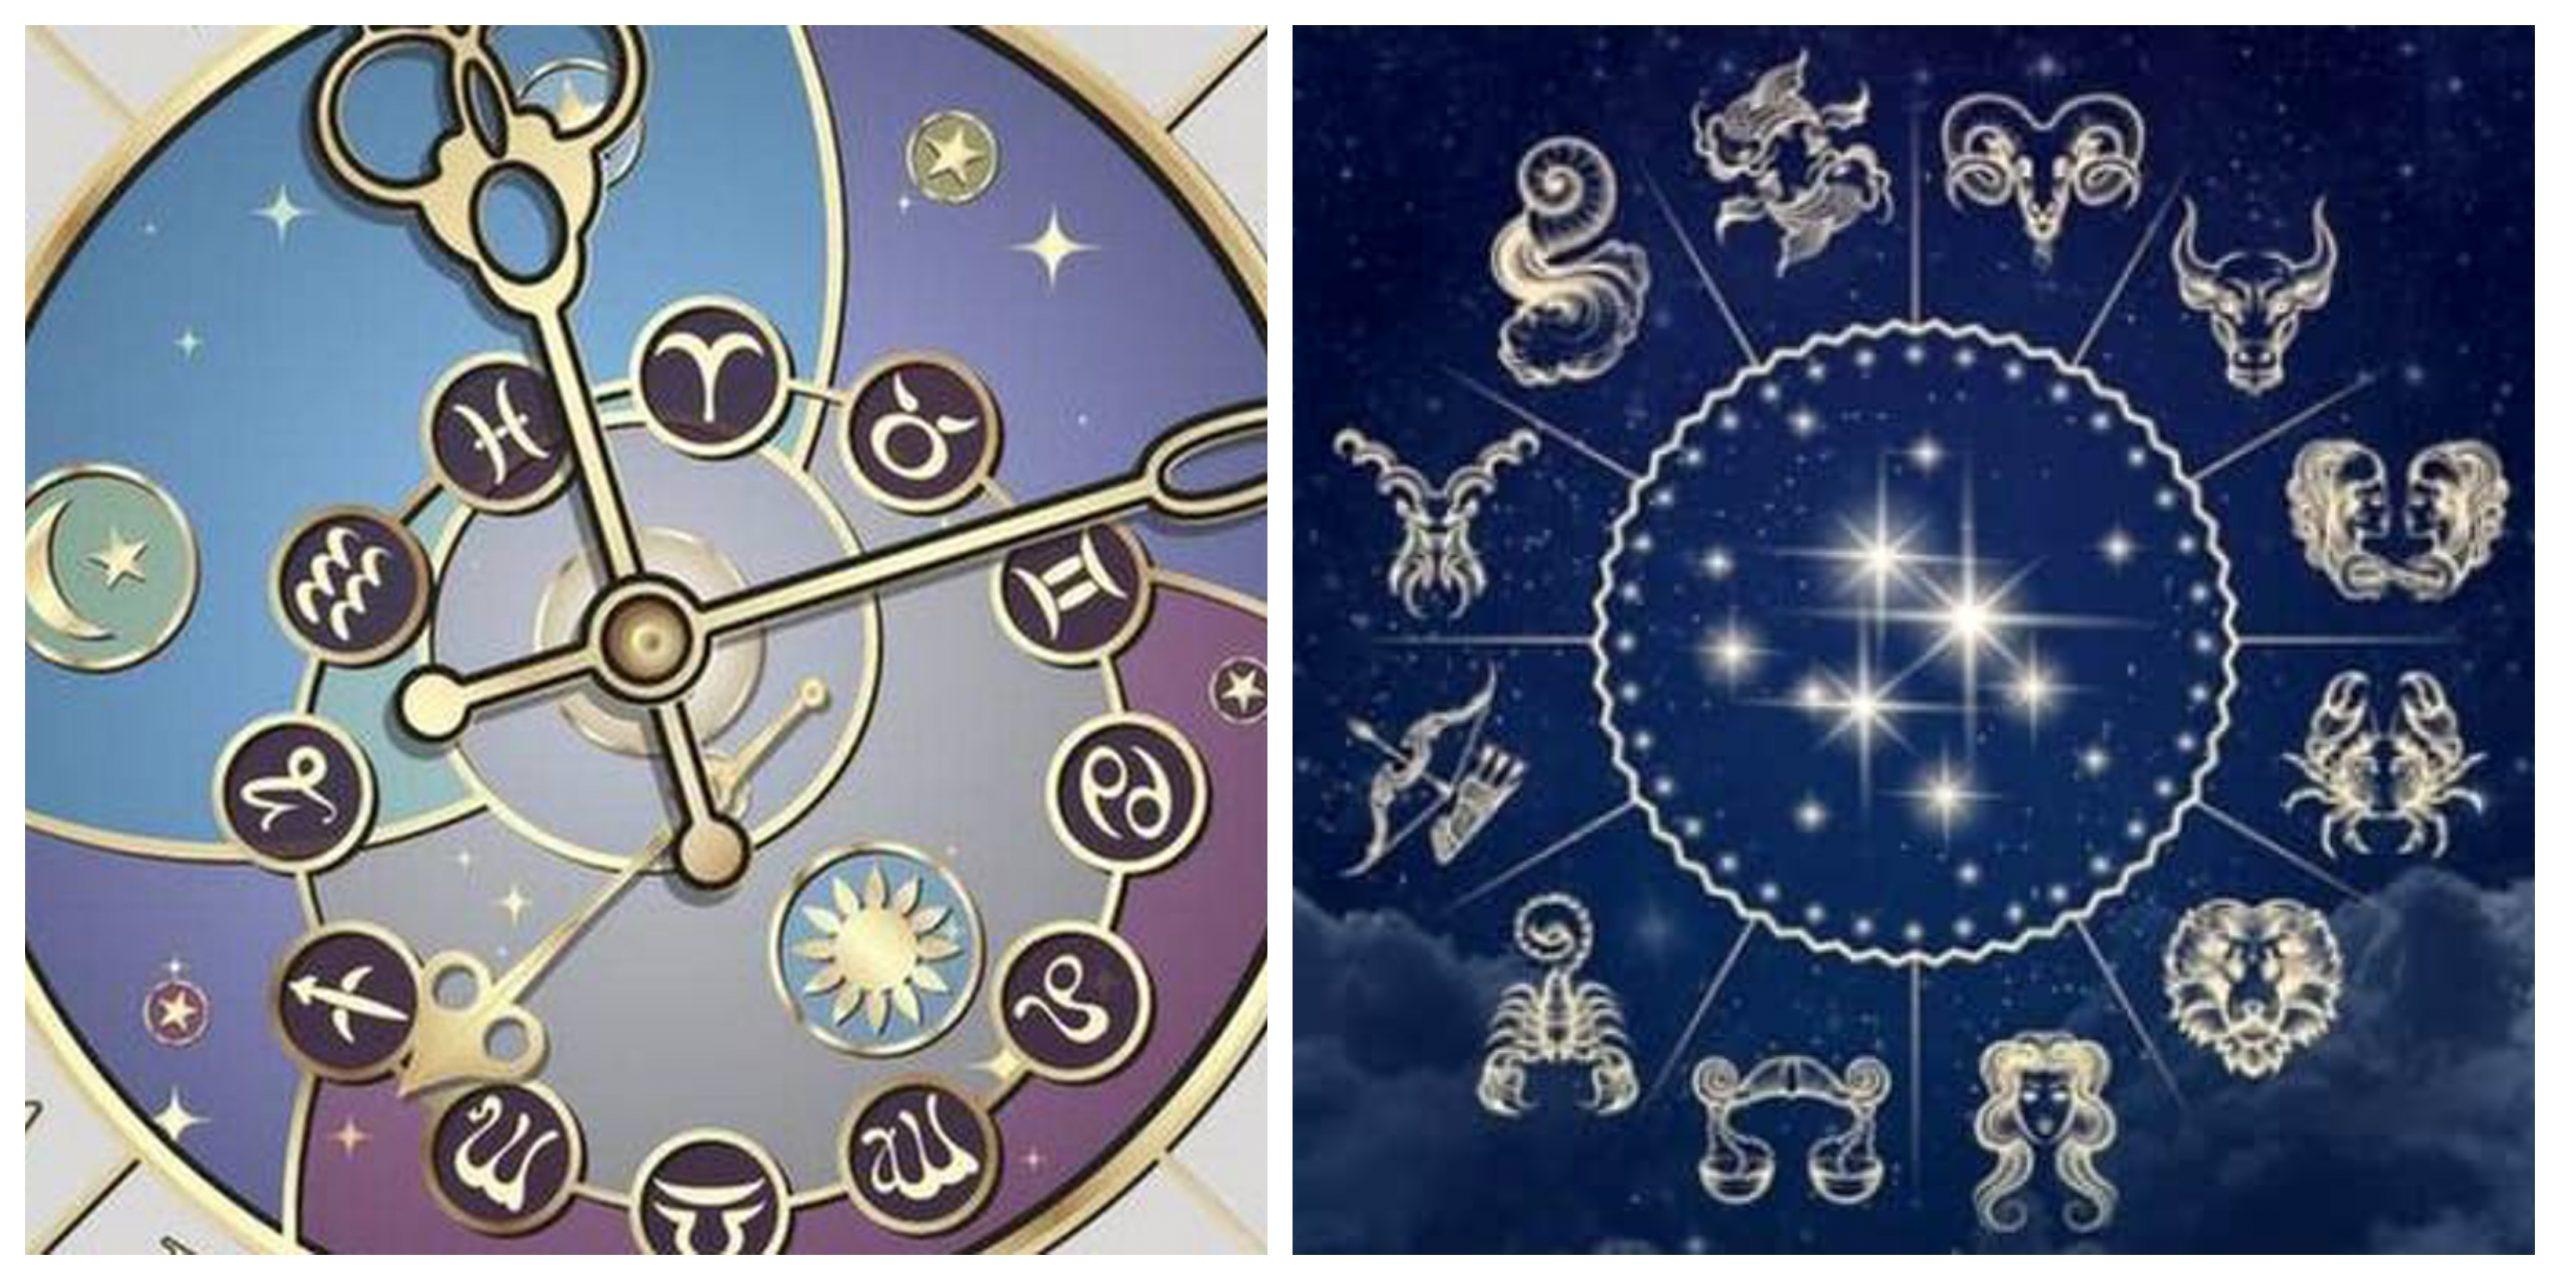 Horoscop 14 Octombrie 2020: astăzi Berbecii își dau o nouă ...  |Horoscop 21 Octombrie 2020